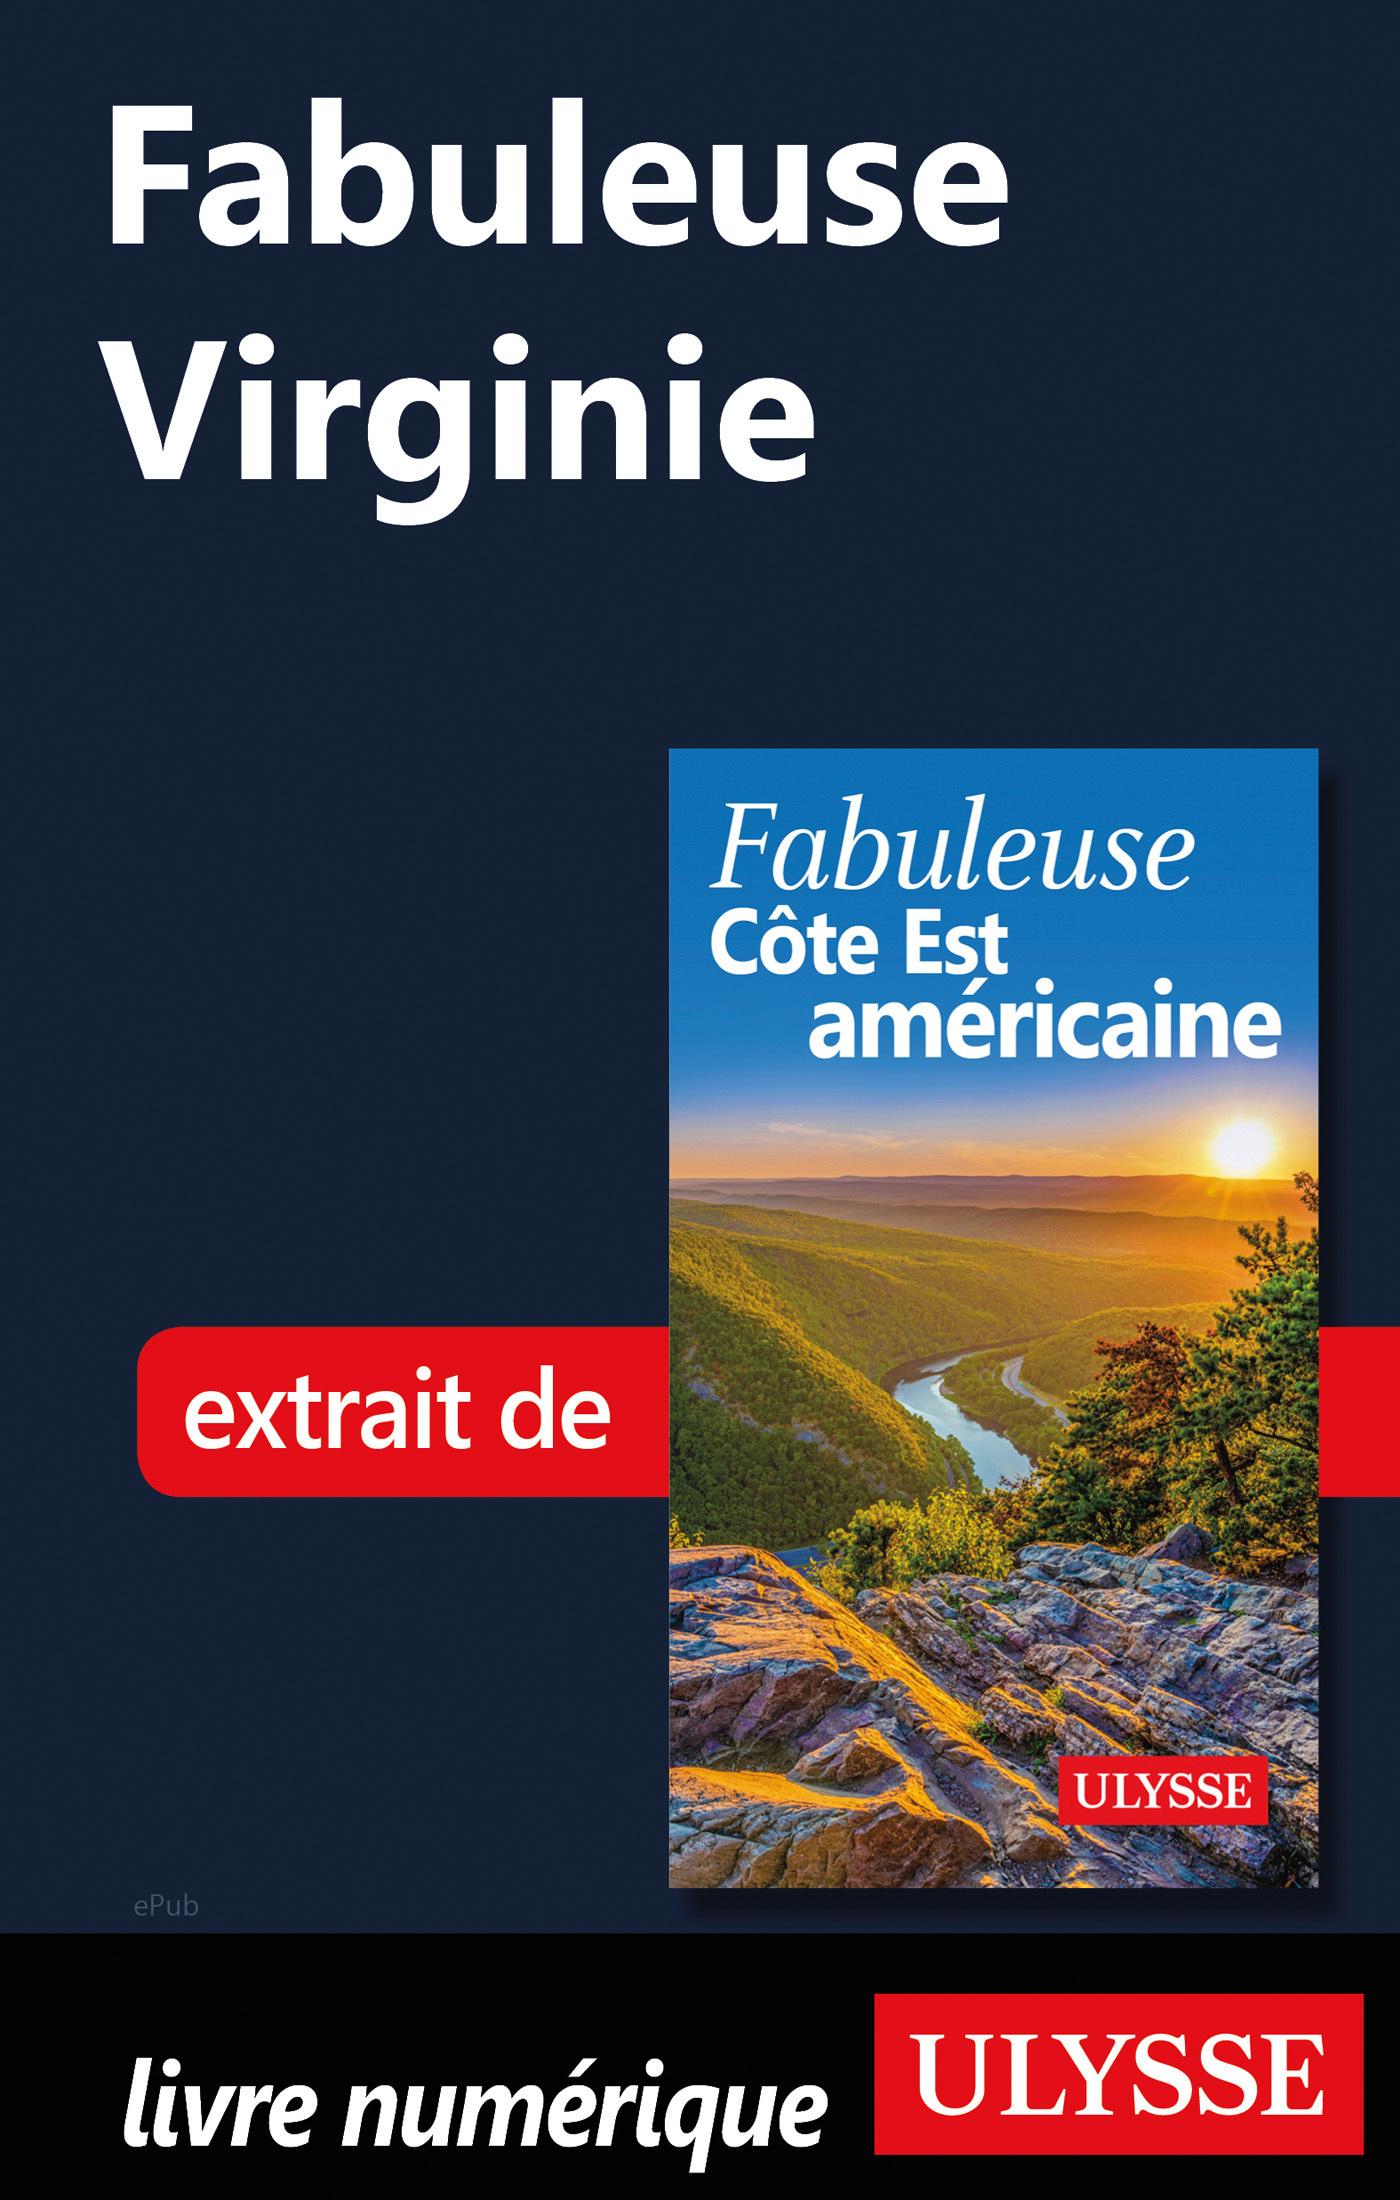 Fabuleuse Virginie